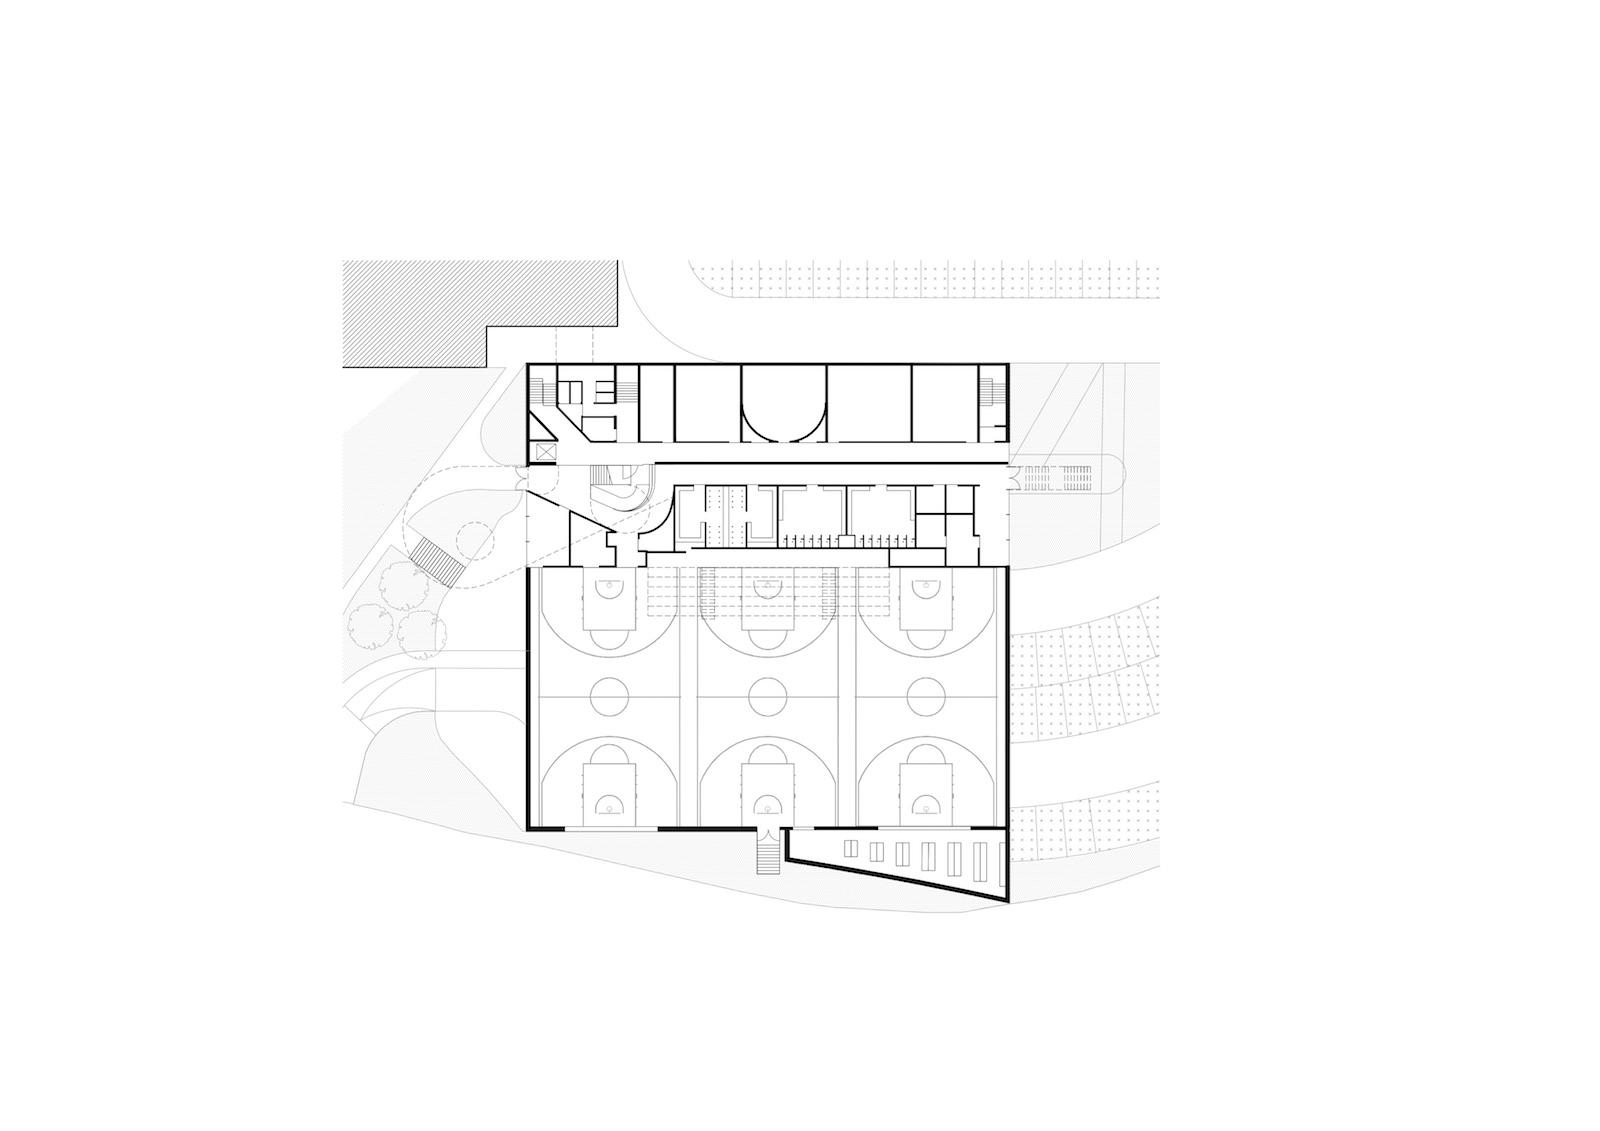 grondplan gelijkvloers